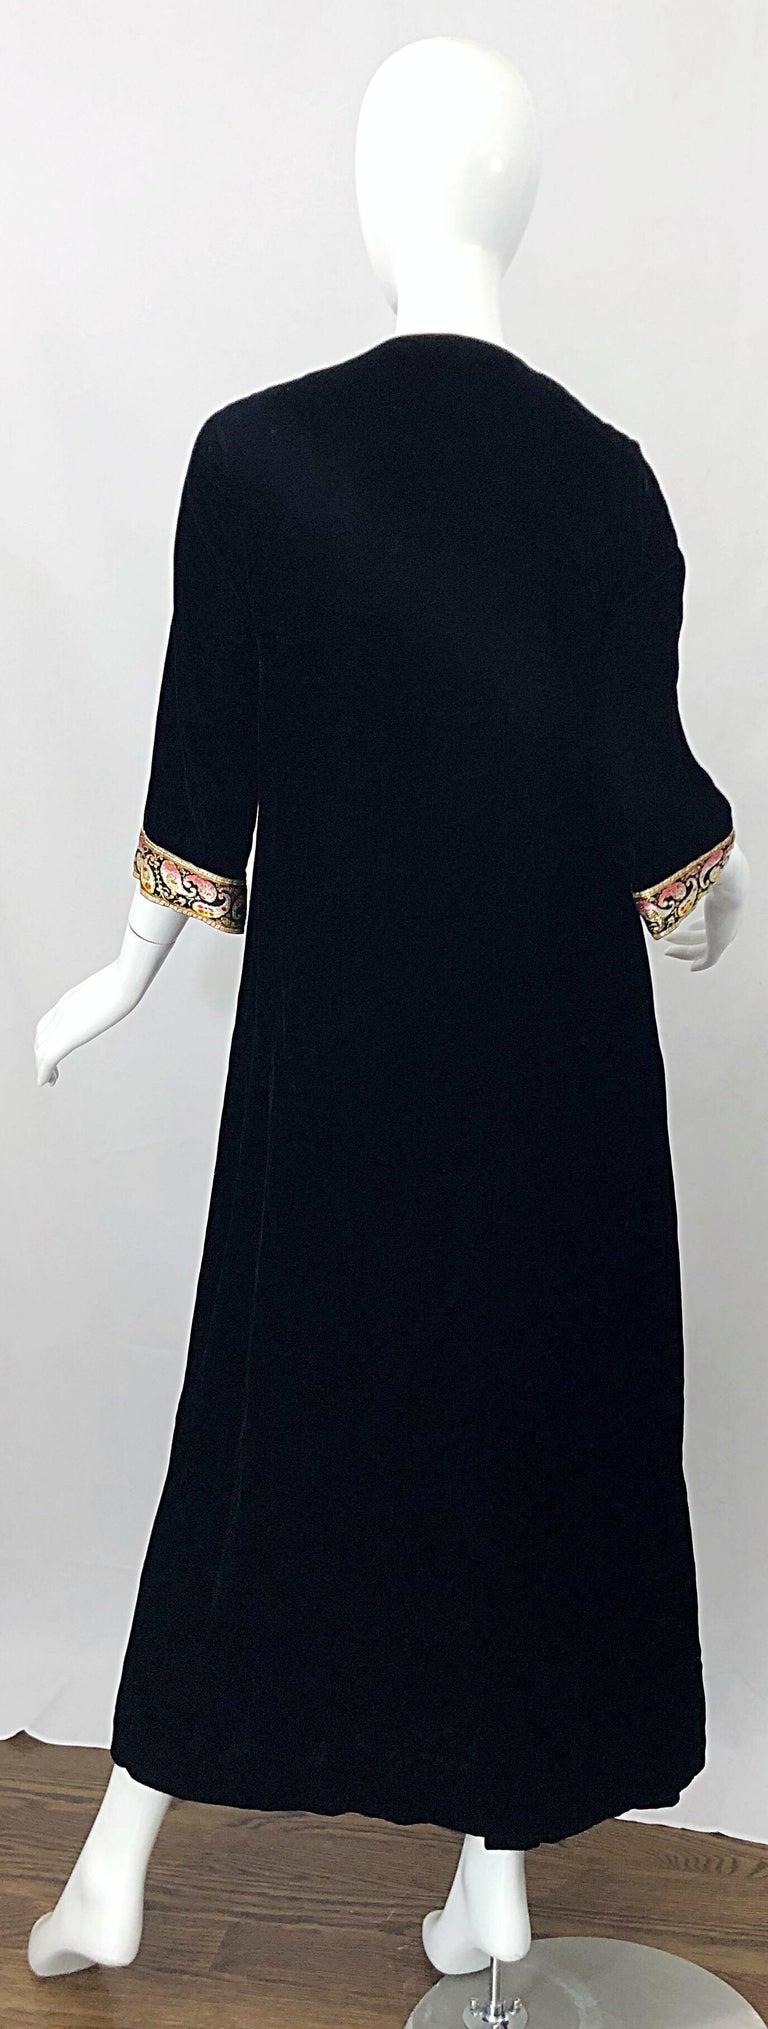 Women's 1960s Bonwit Teller Black Velvet Paisley Vintage 60s Moroccan Caftan Maxi Dress For Sale